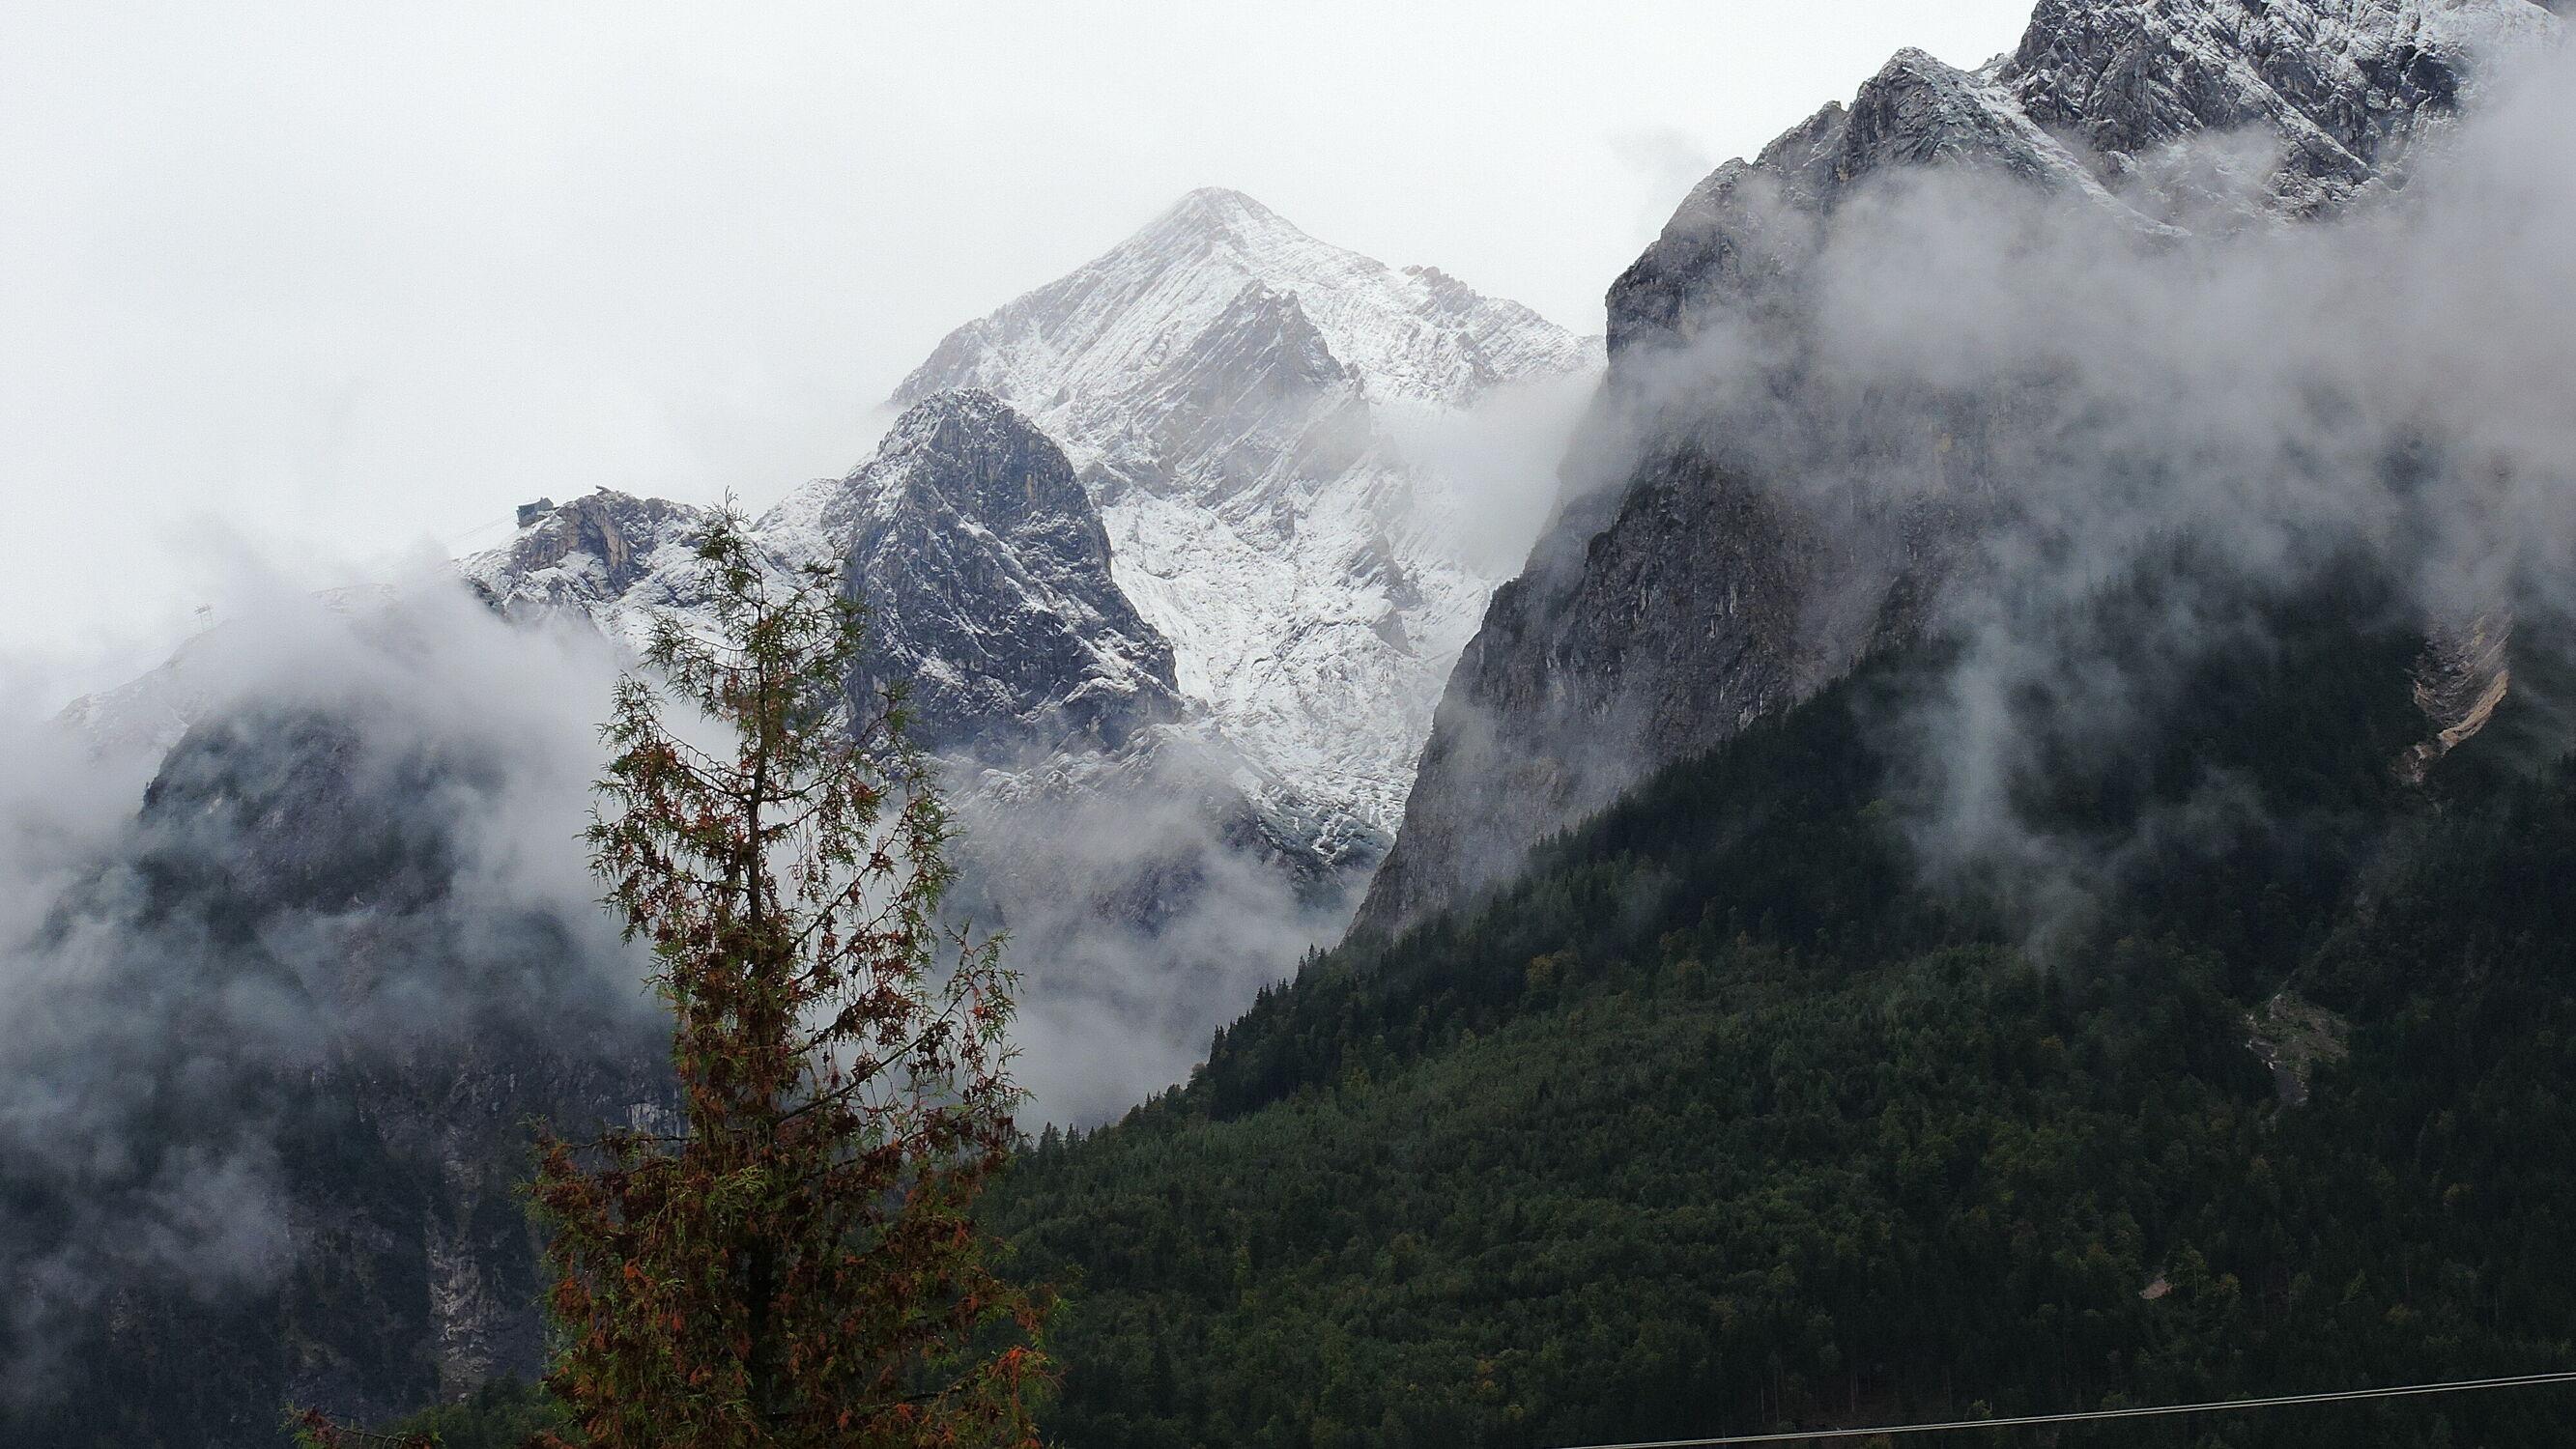 Bild mit Nationalparks, Deutschland, Alpen, Alpenland, Ruhe, Entspannung, Landschaften im Herbst, Wanderungen, Wellness & Entspannung, Bayern